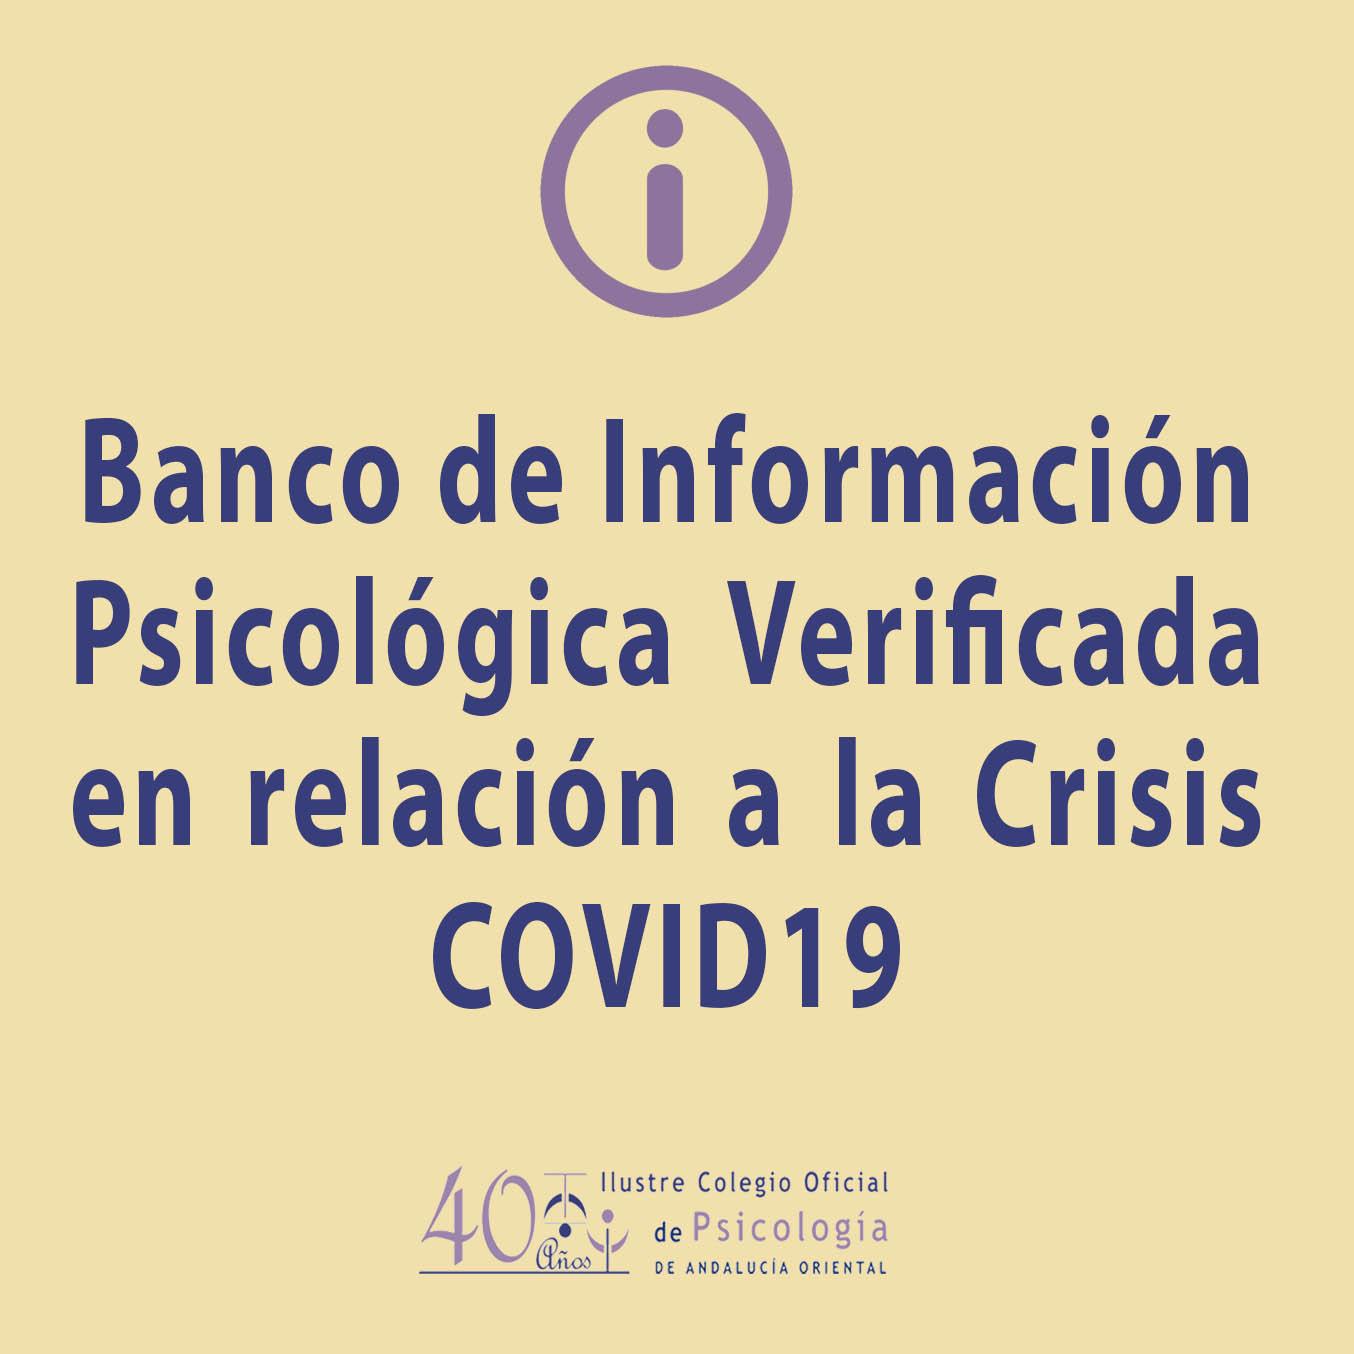 Banco de información psicológica verificada en relación a la crisis COVID-19